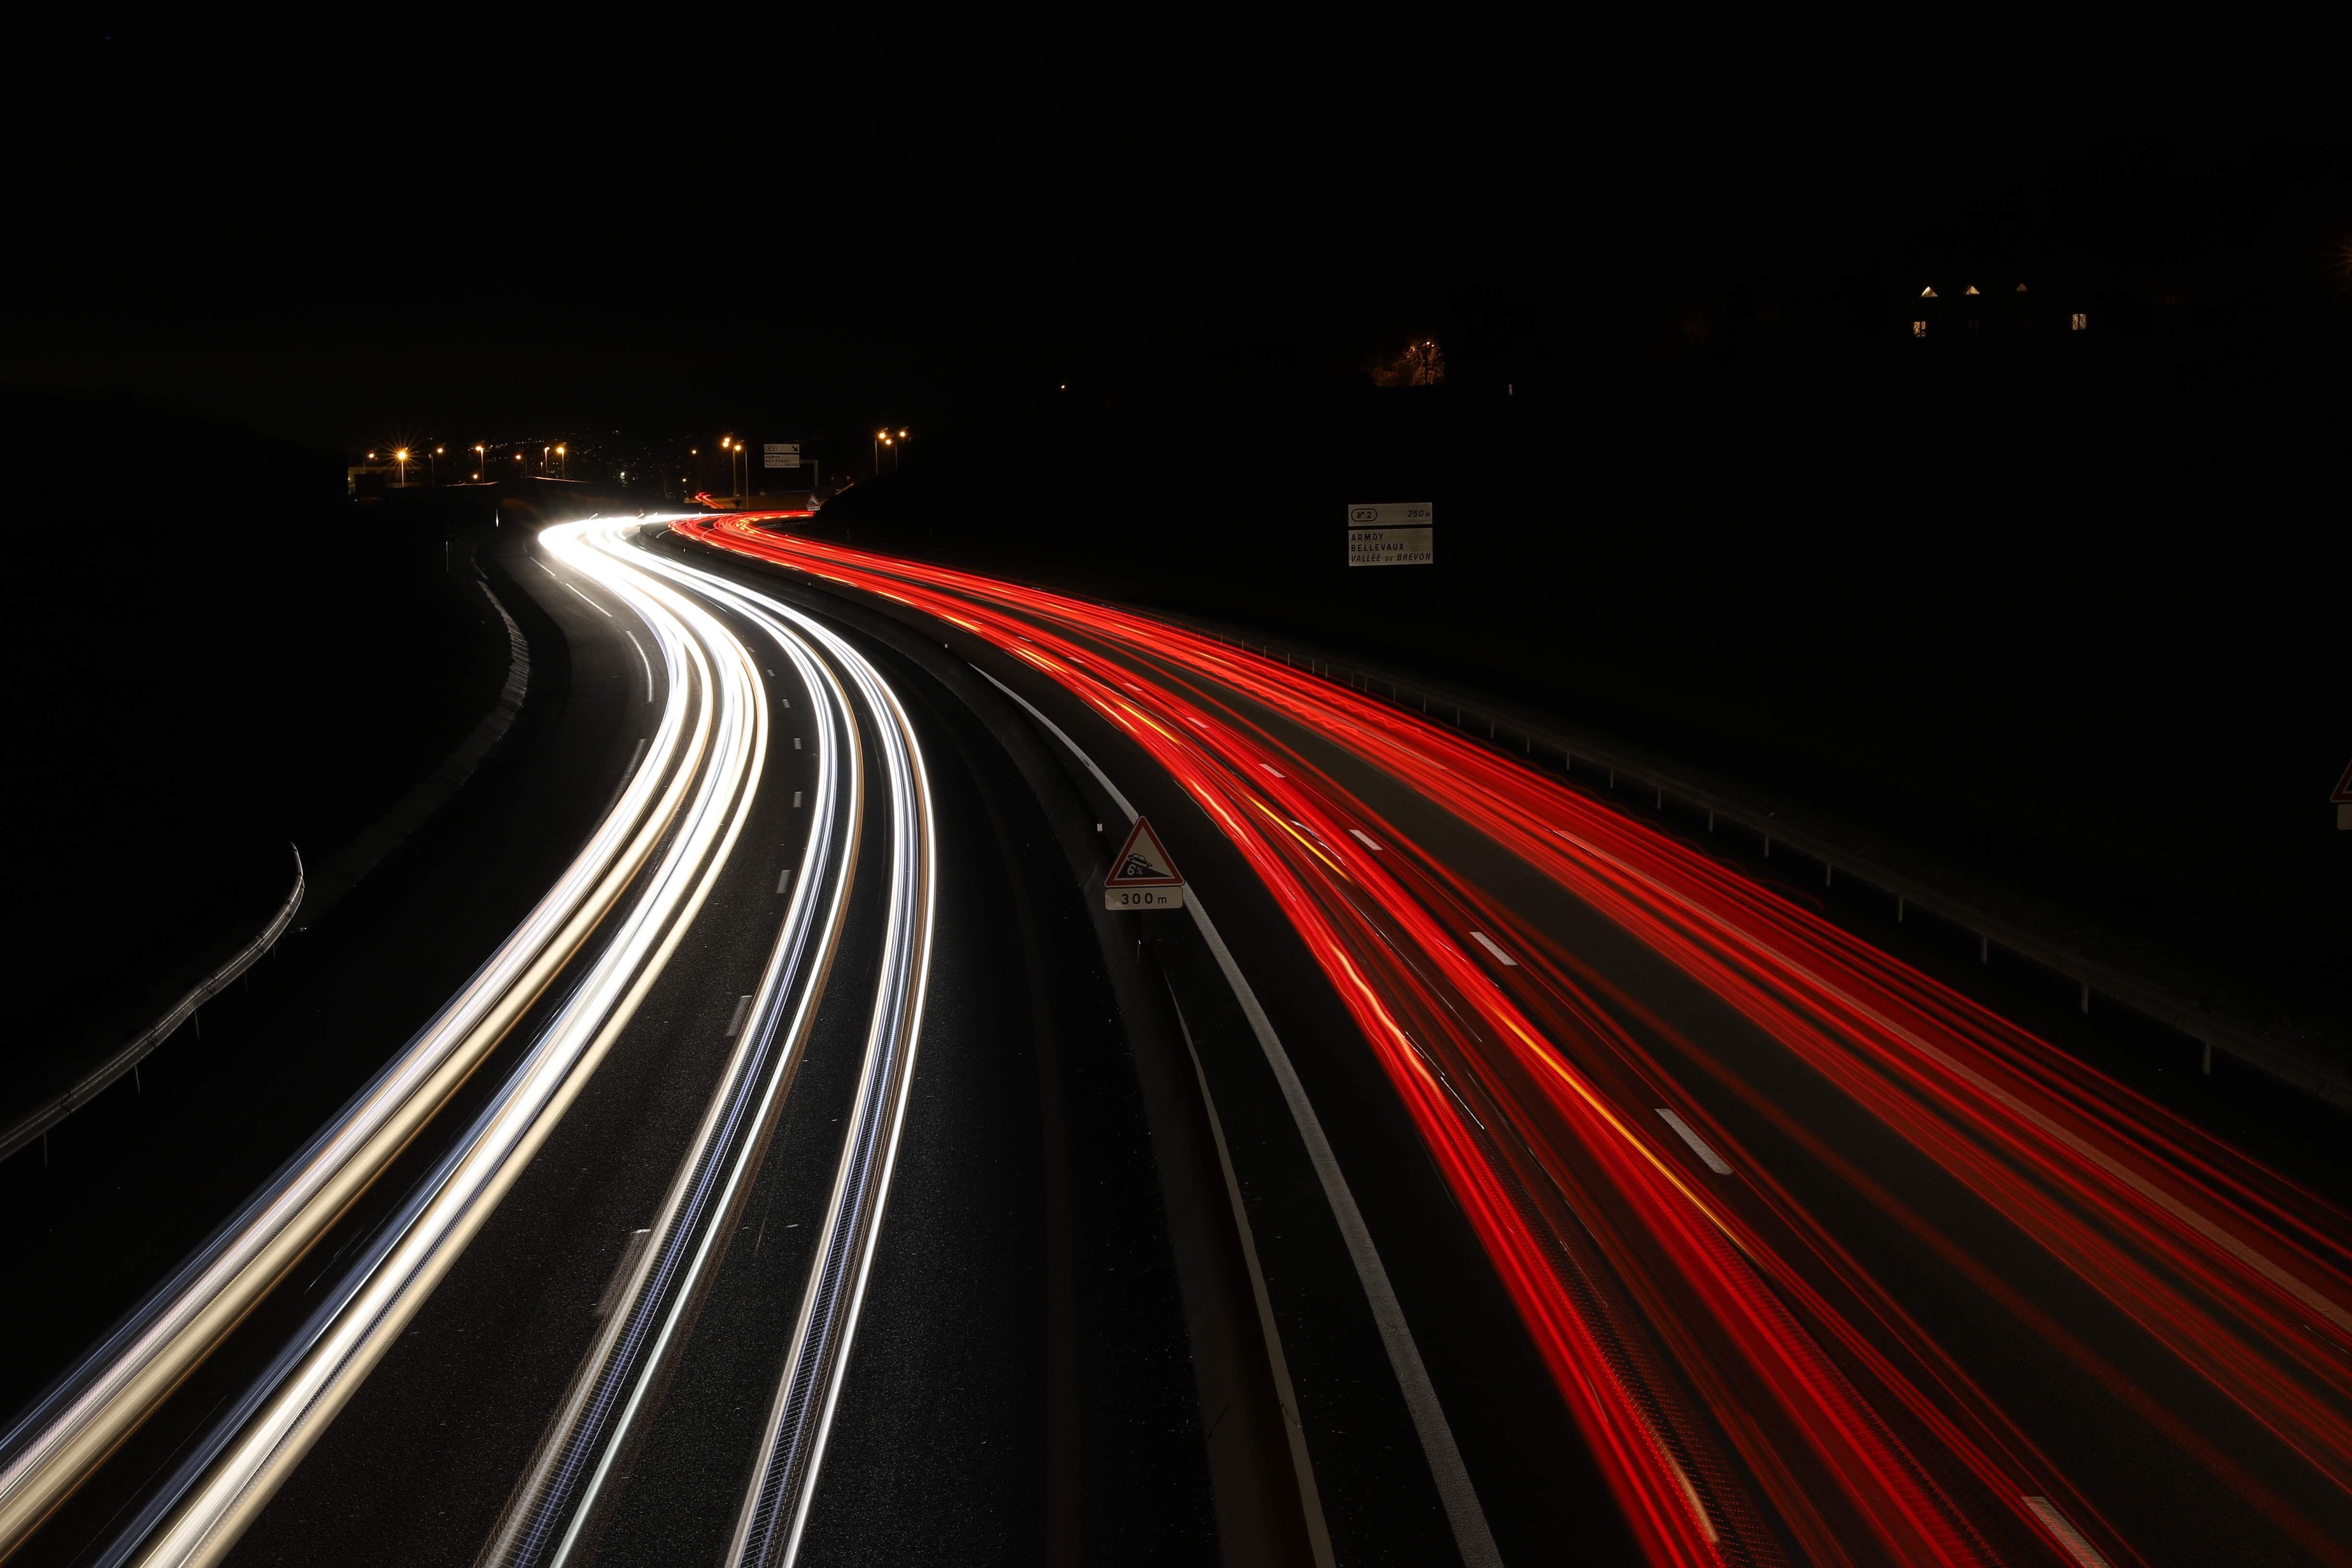 Wachsendes Netz an Ladestationen für Elektrofahrzeuge ist auch in der Sygic GPS Navigation spürbar-cmm360_Photo by Laurie Decroux on Unsplash